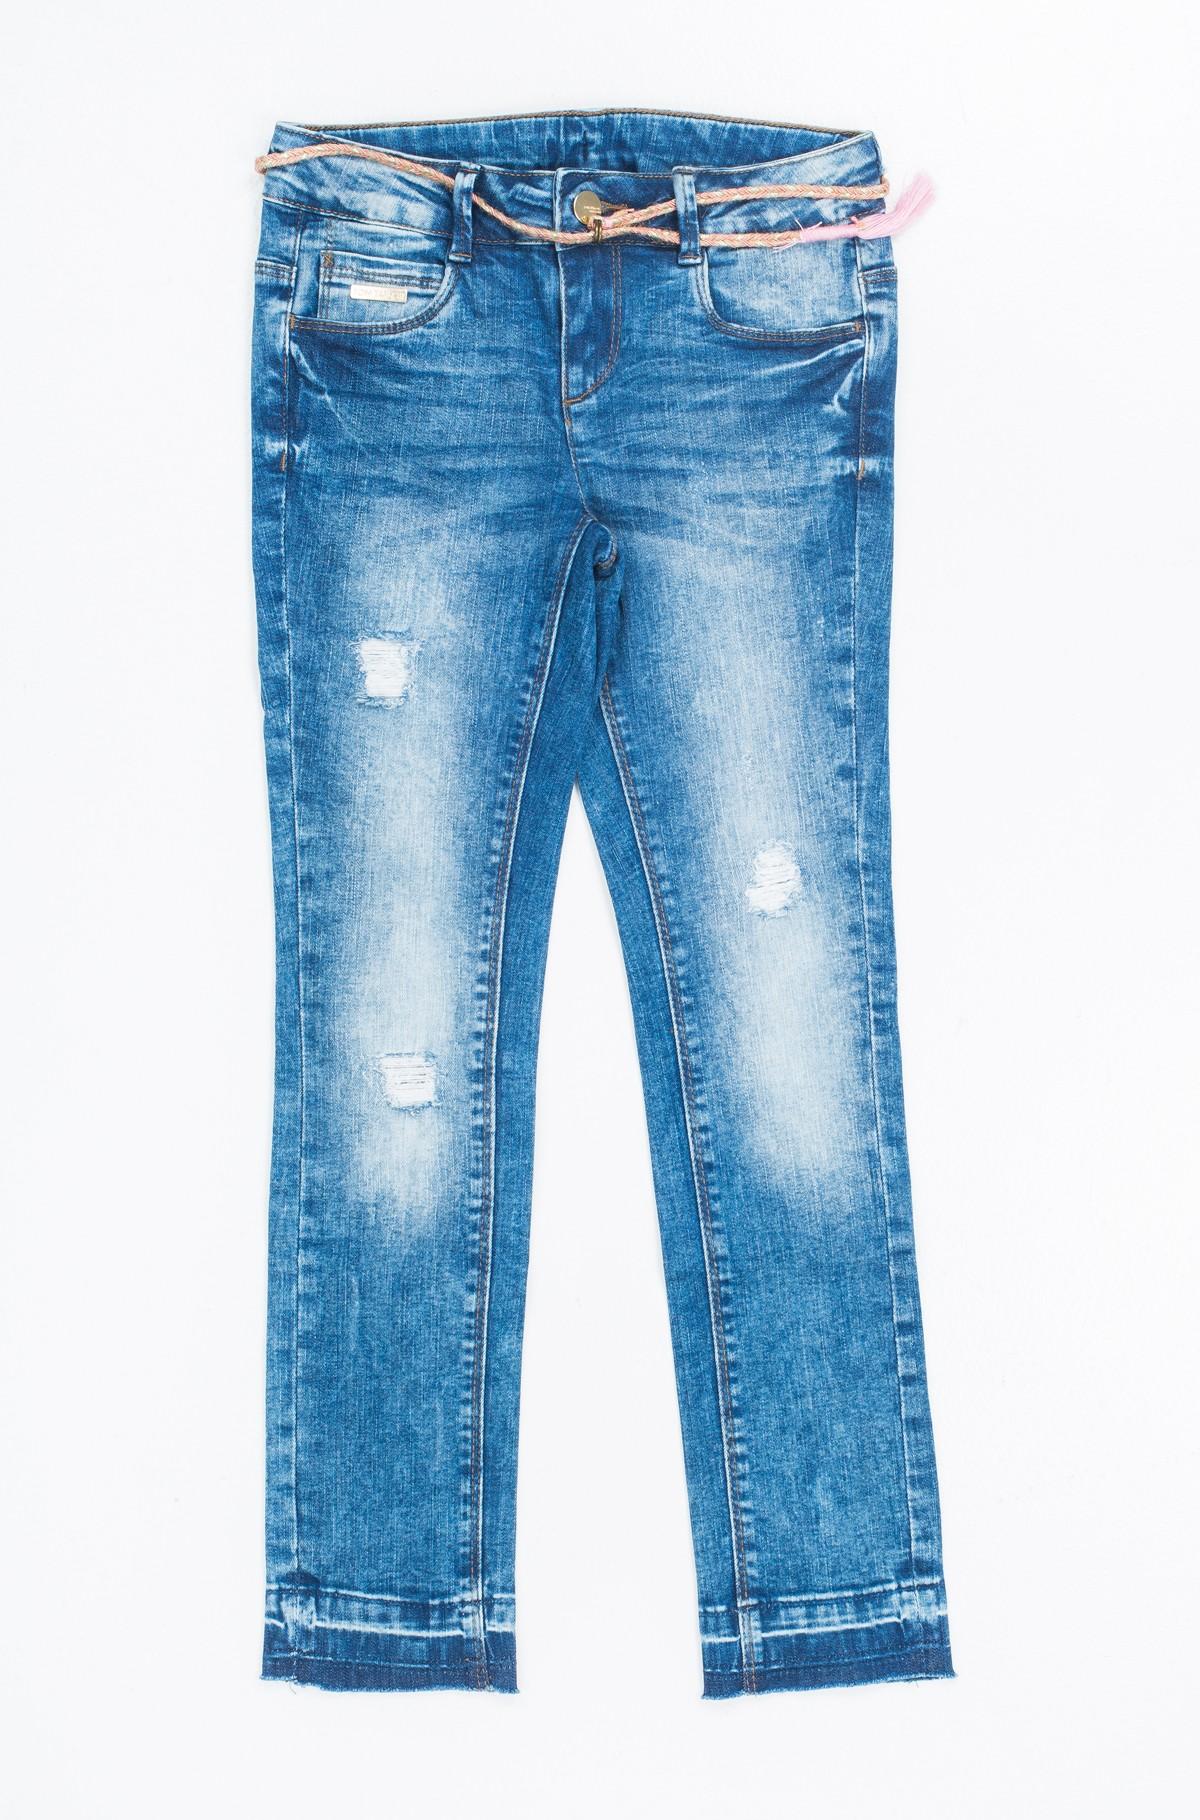 Vaikiškos džinsinės kelnės 62061970040-full-1